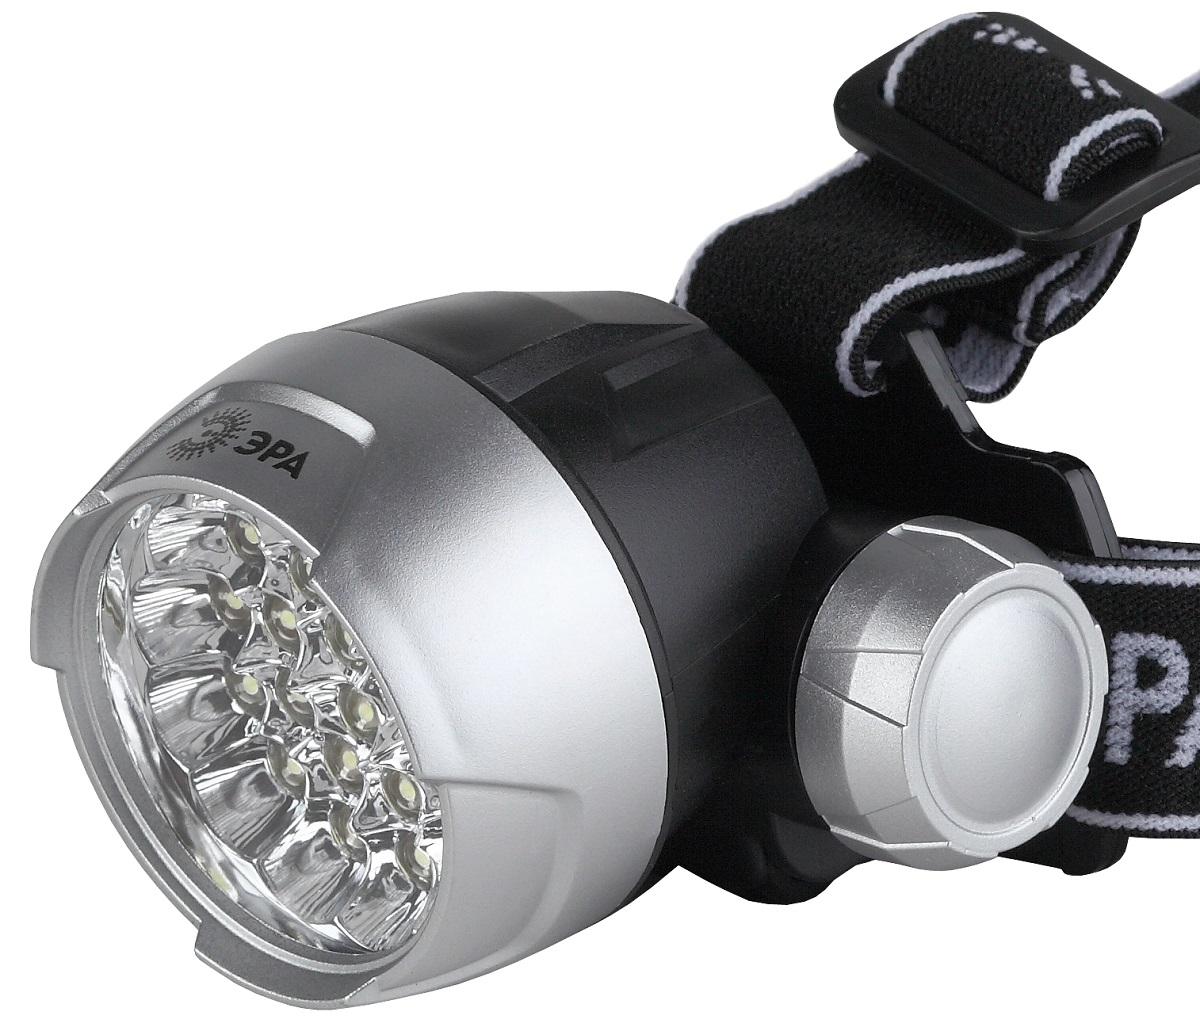 Фонарь налобный ЭРА G25, цвет: серебристый, черныйG25Светодиодный налобный фонарь: 25 белых светодиодов NarrowBeam (суммарная мощность 5W, световой поток до 125Лм) 4 режима работы 3хААА (в комплект не входят). 116 лм